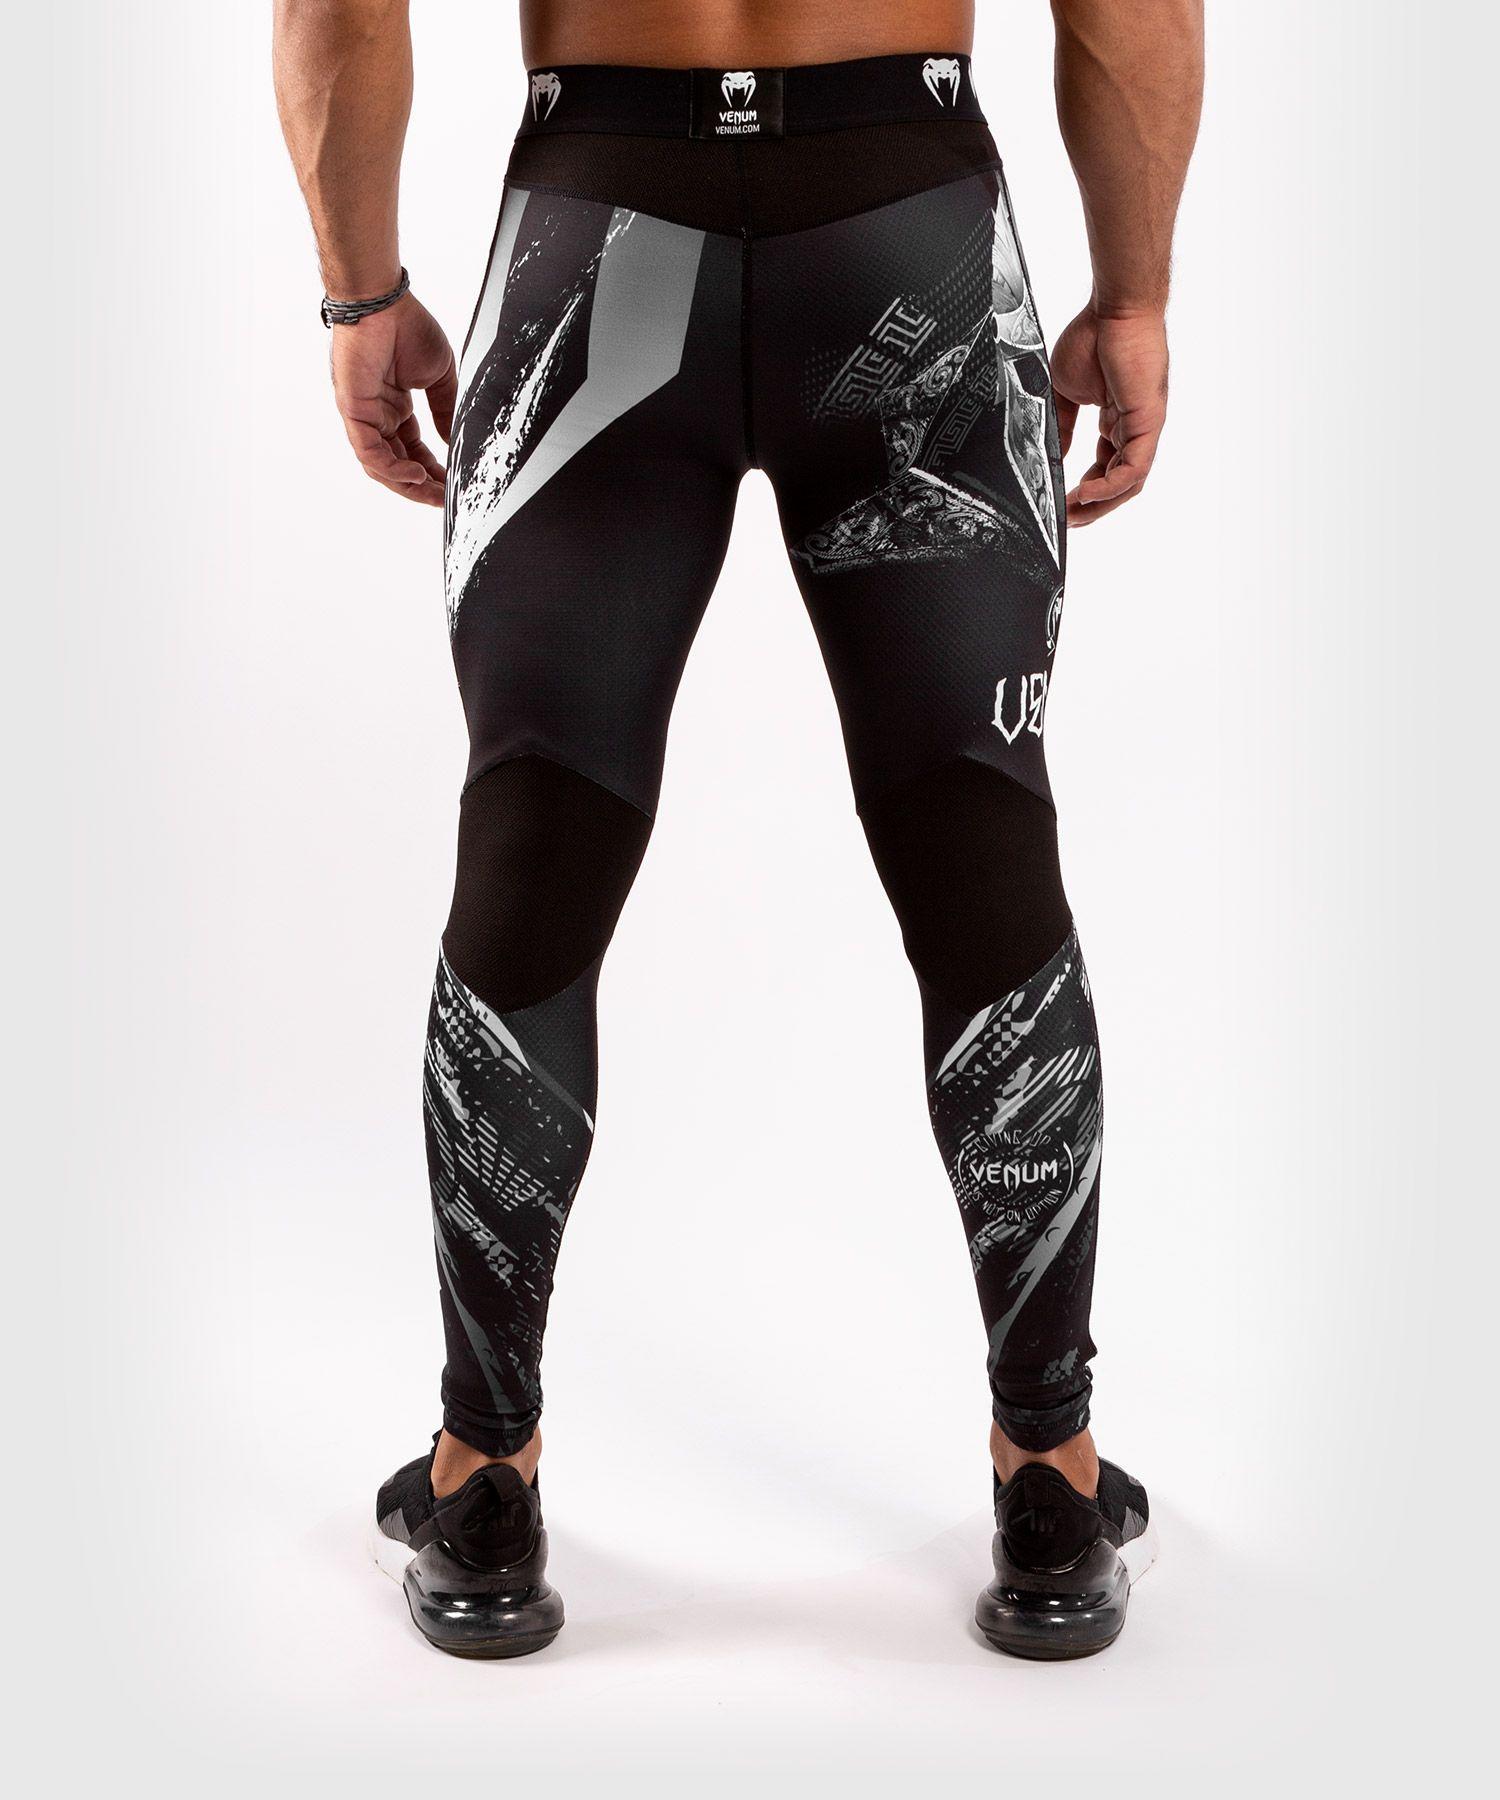 Компрессионные штаны Venum Gladiator 4.0 Compression Tights Размер: S